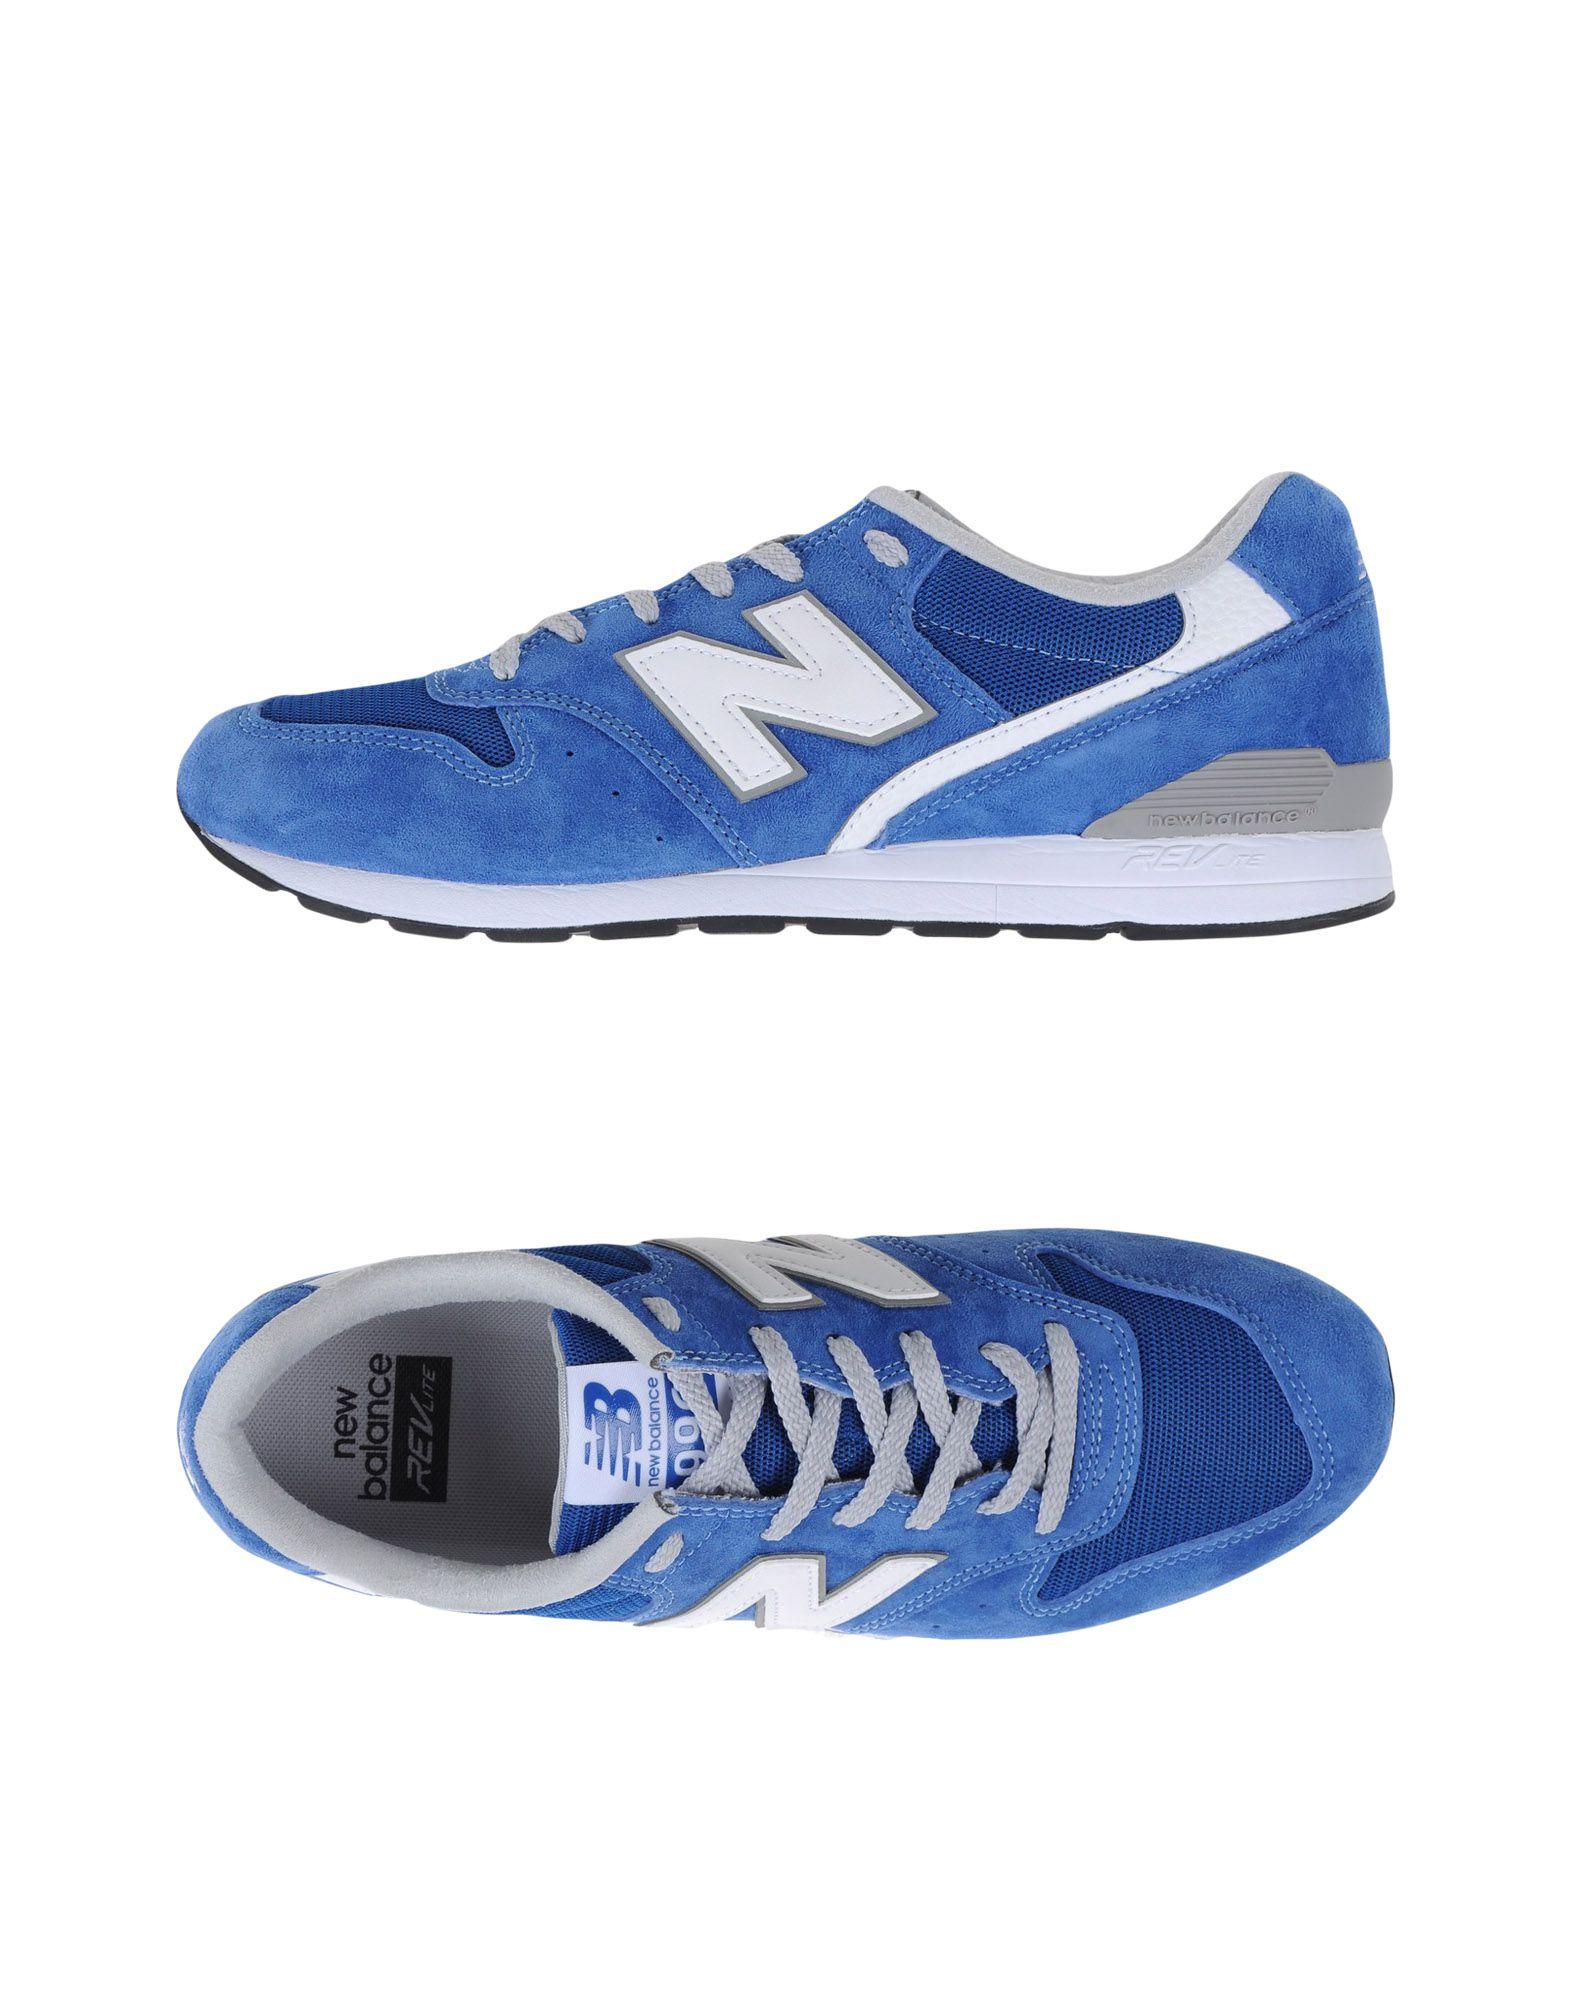 Rabatt Schuhe echte Schuhe Rabatt New Balance 996 11001678AP 136a4d